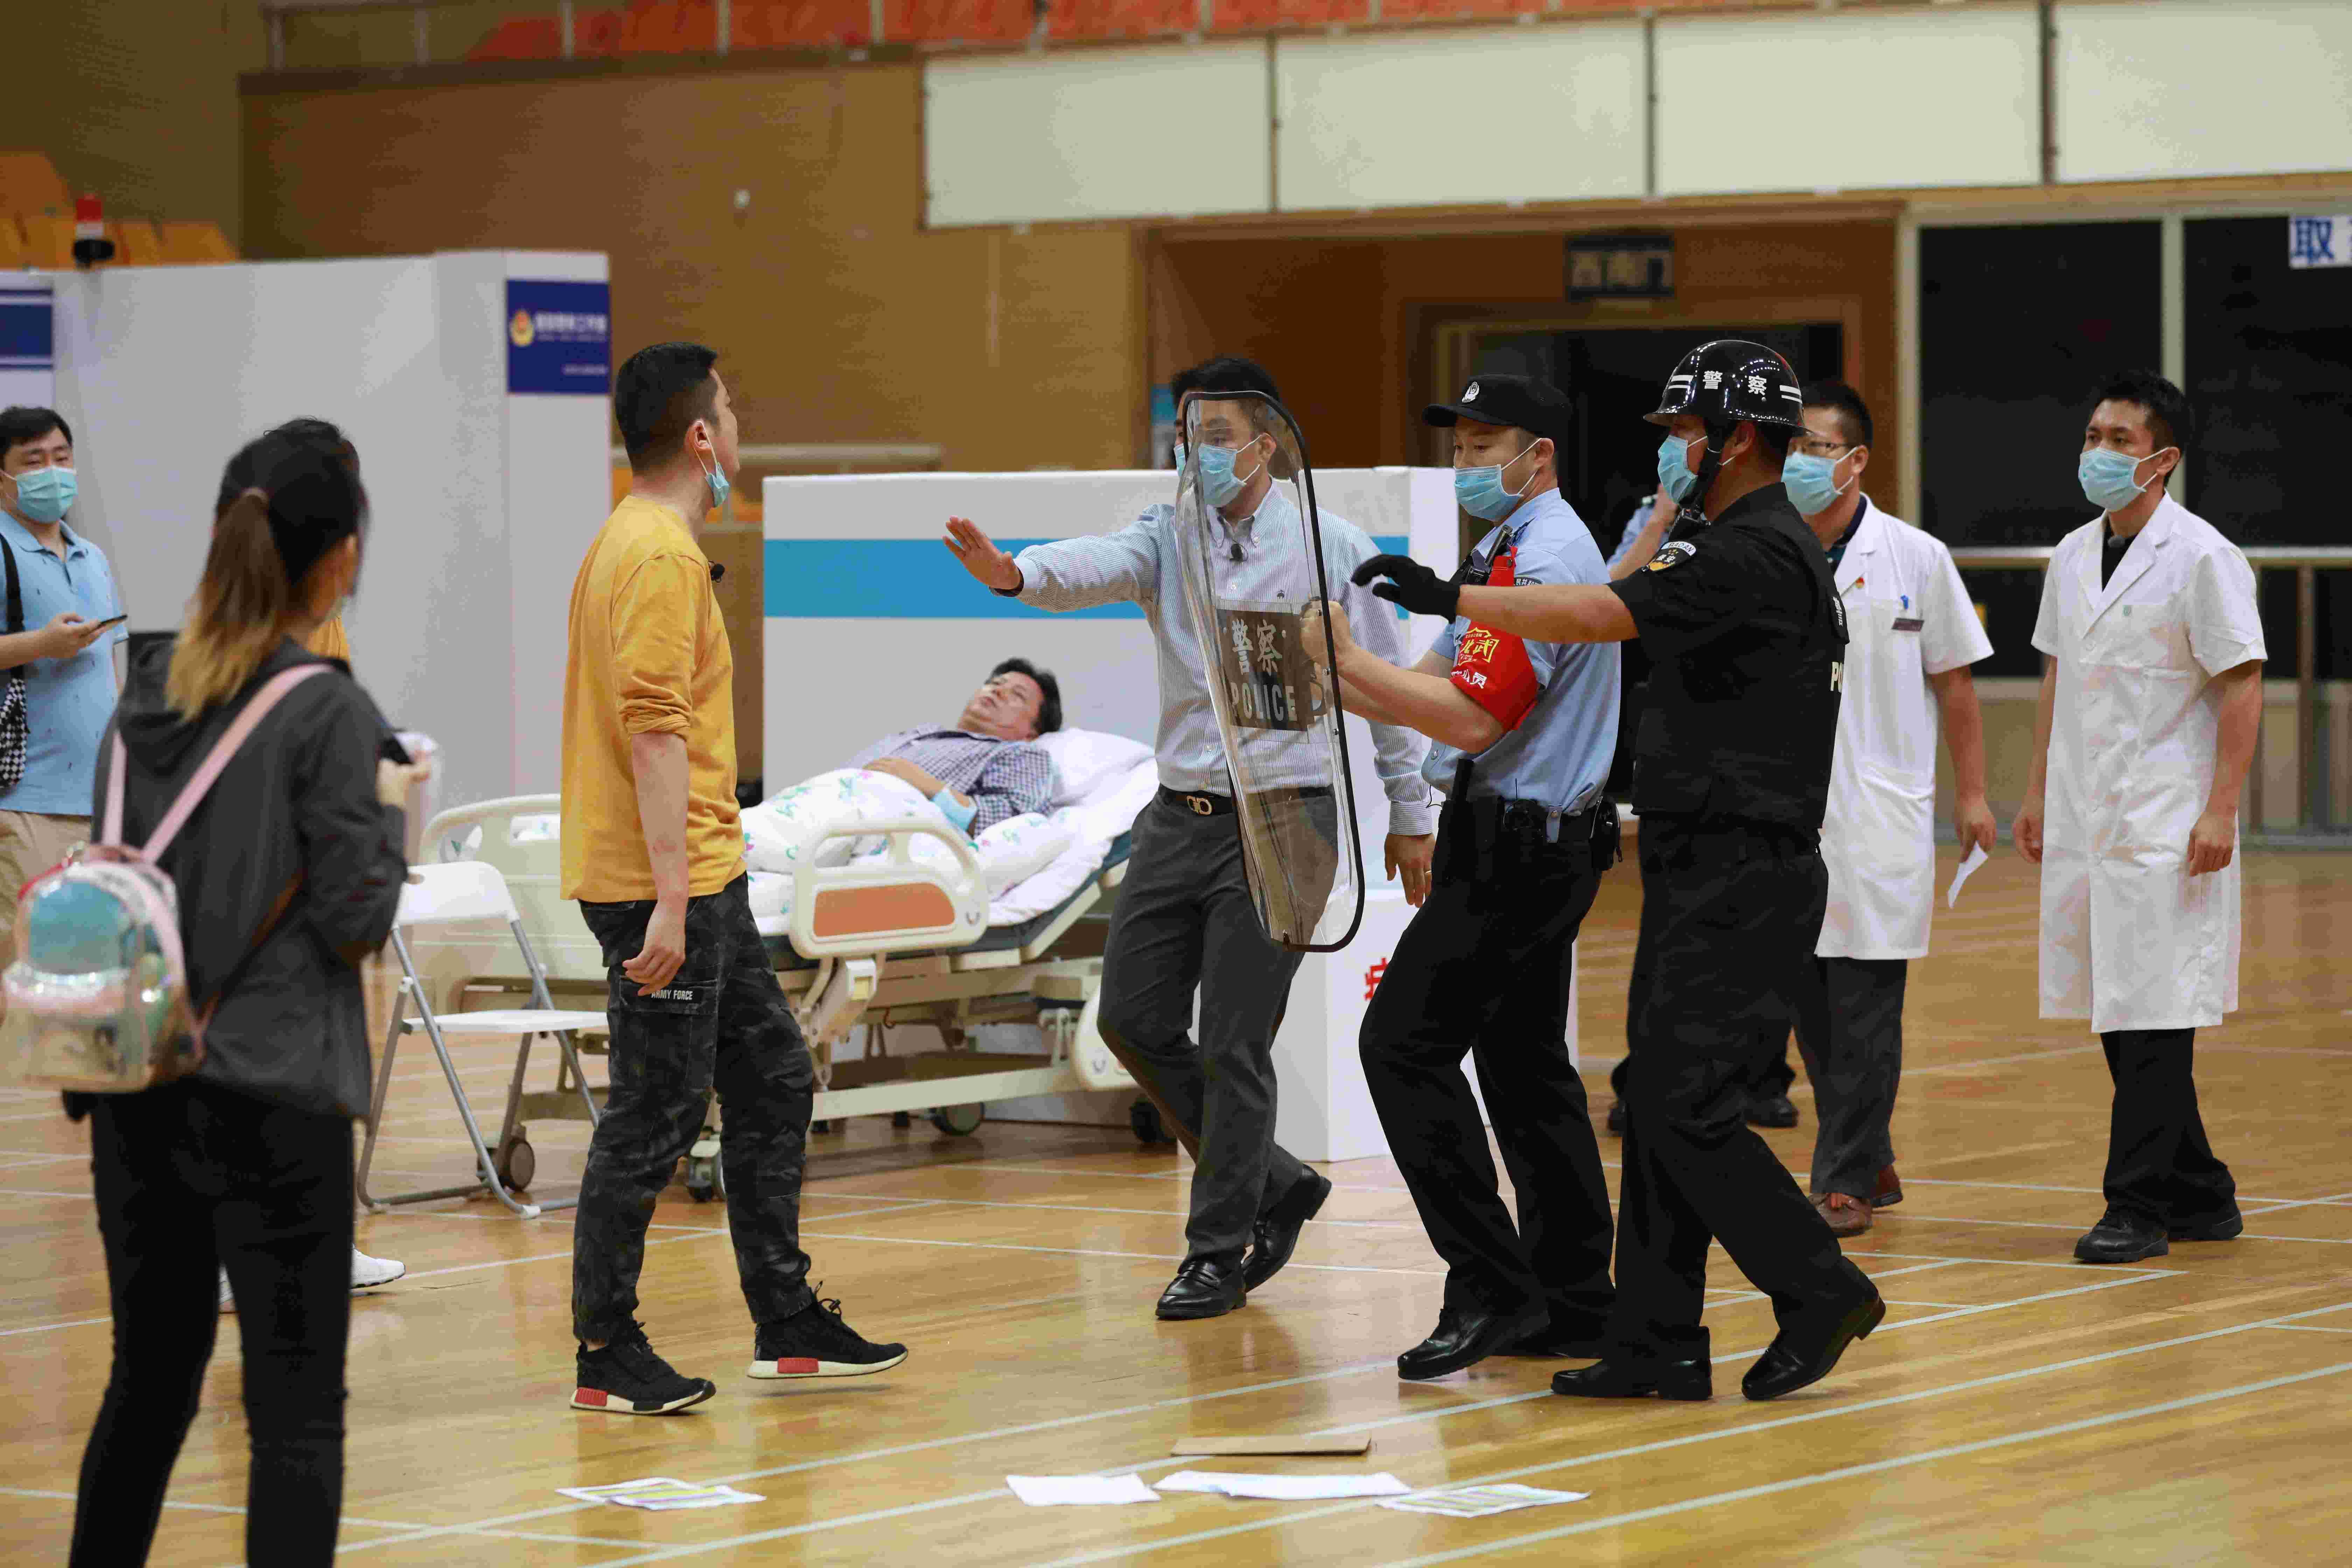 北京629名警力进驻医院警务室,上半年查处涉医违法案件74起